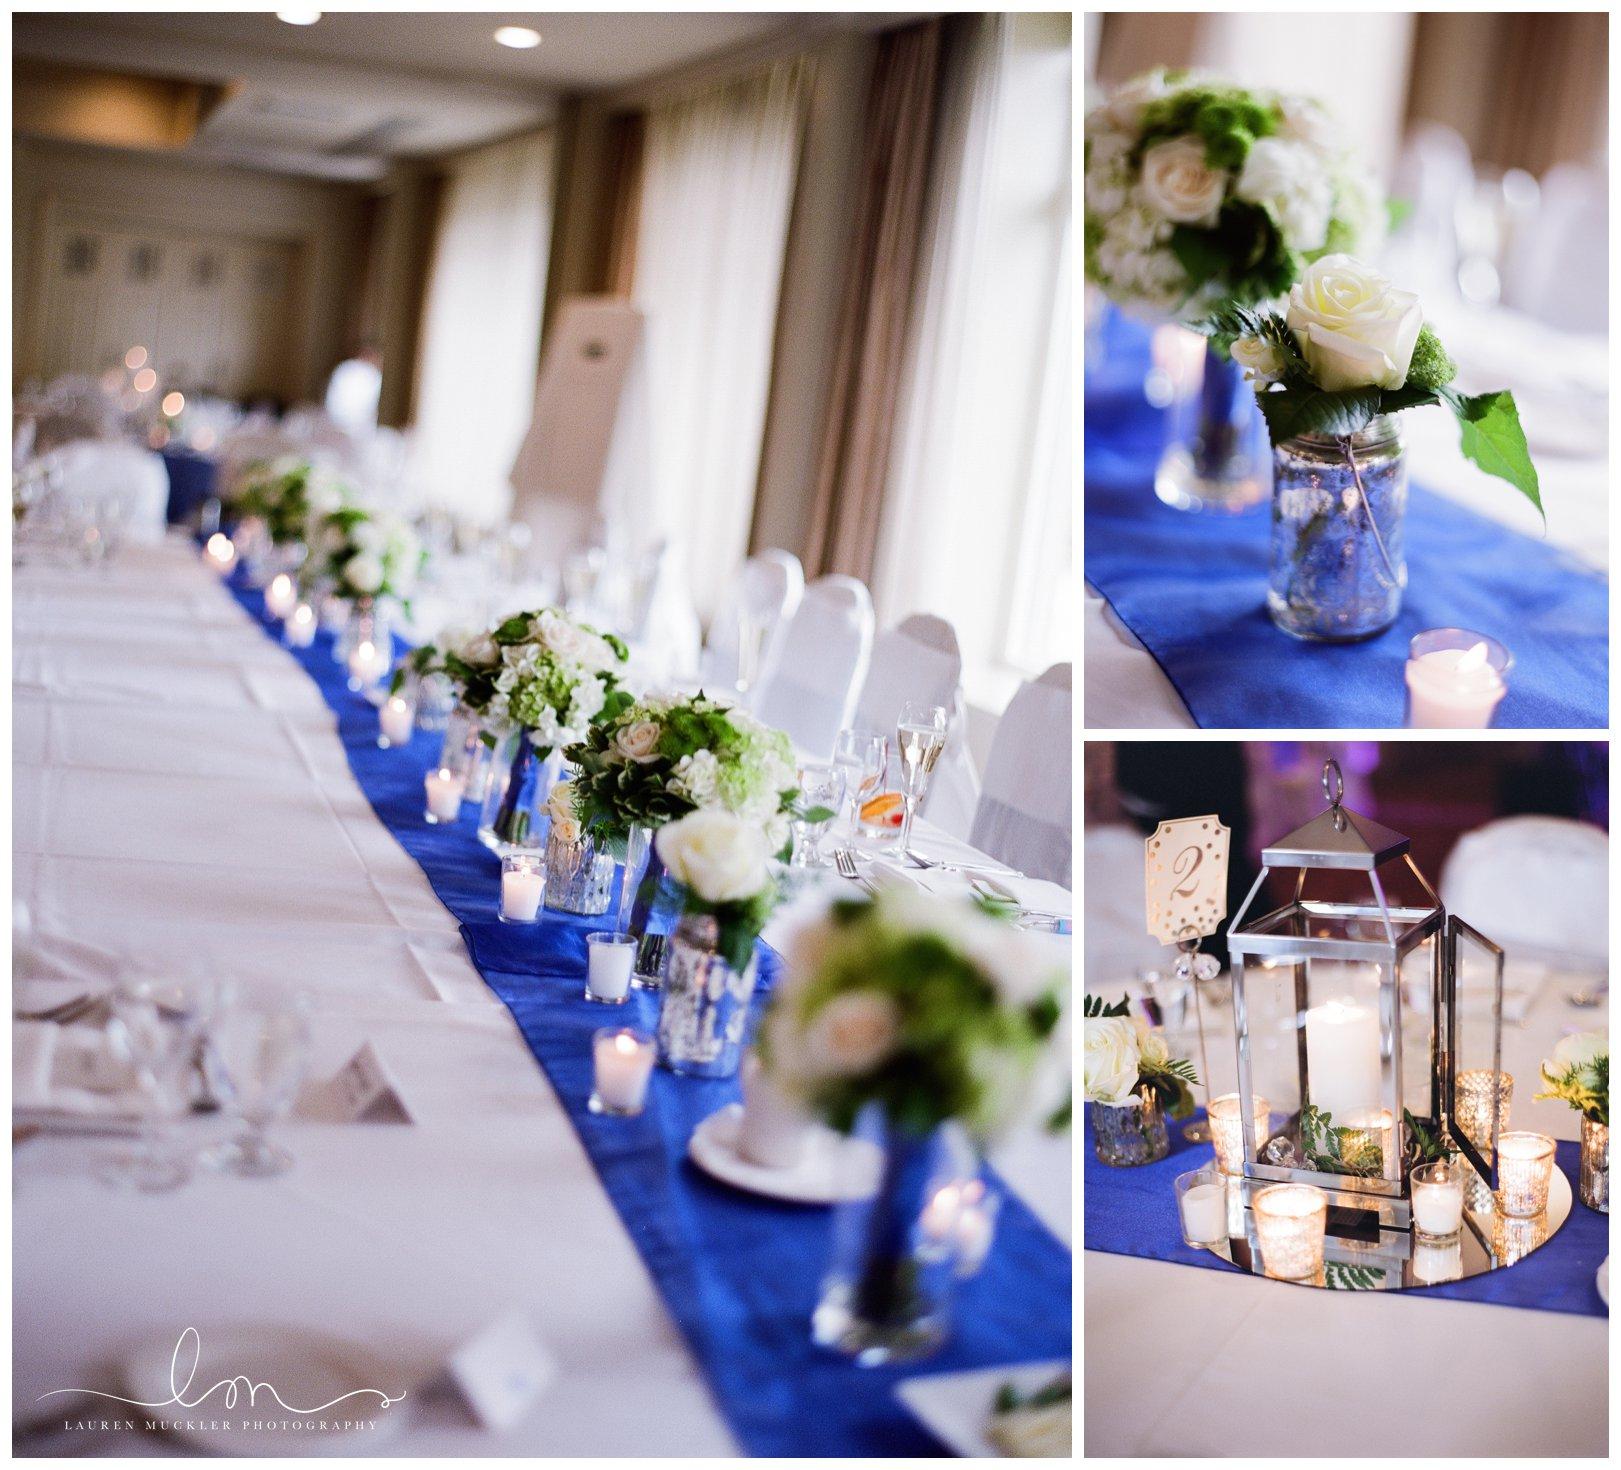 lauren muckler photography_fine art film wedding photography_st louis_photography_0230.jpg